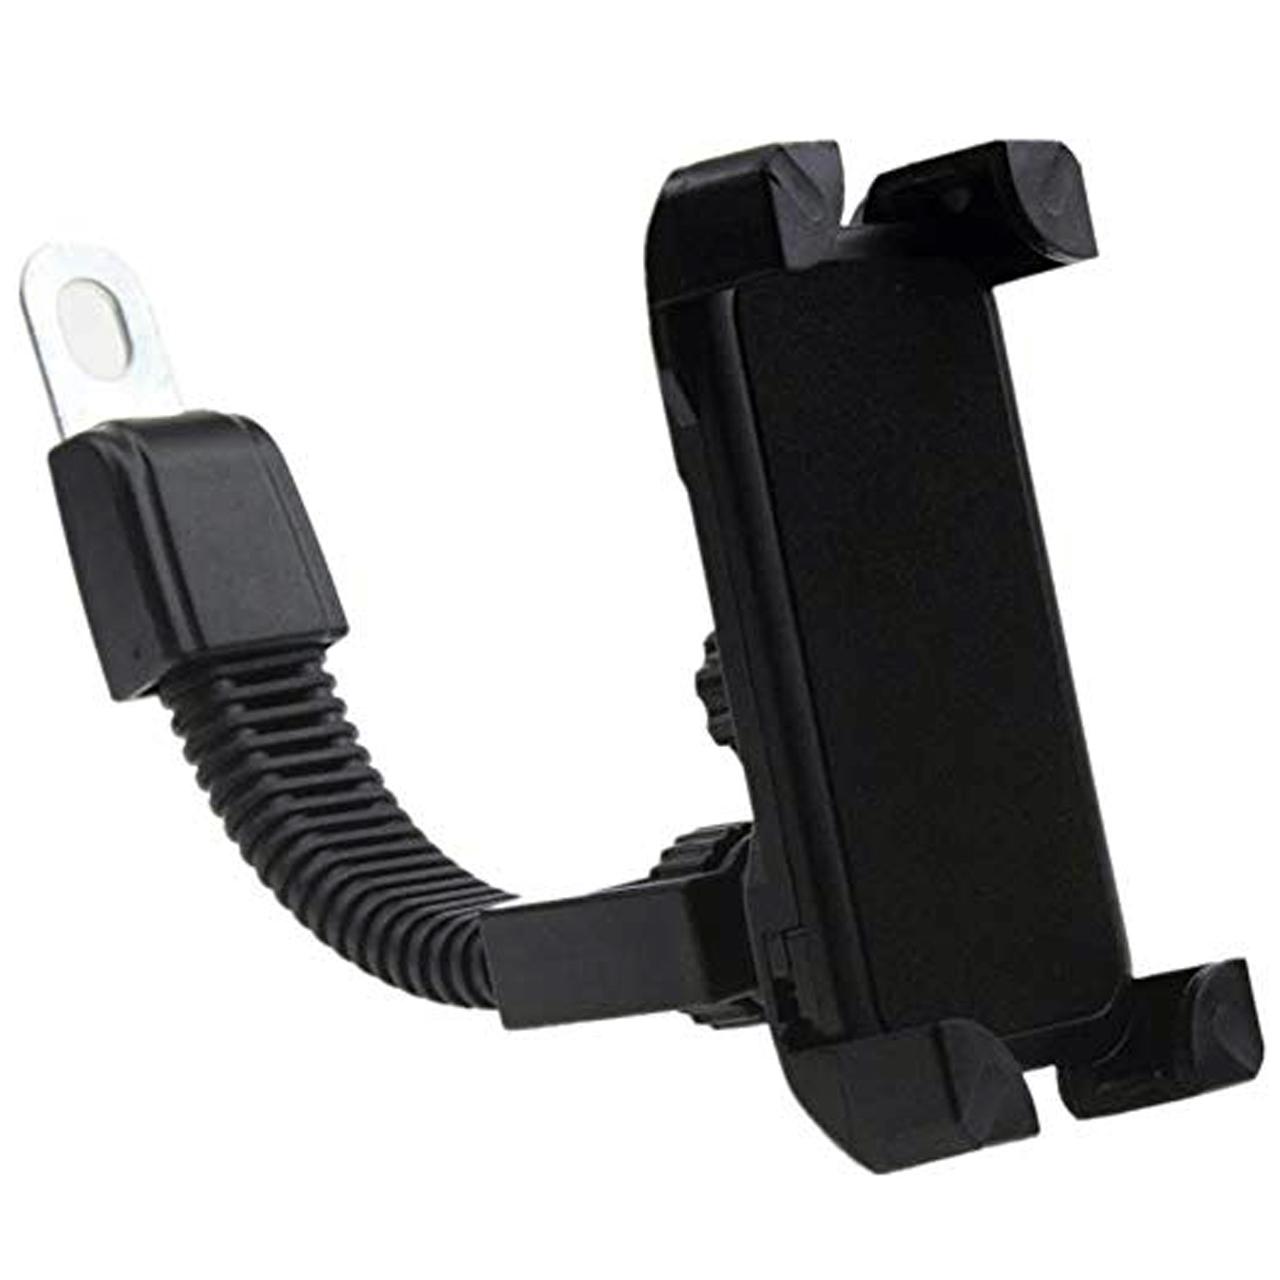 پایه نگهدارنده گوشی موبایل مدل 012 مناسب برای موتور و دوچرخه